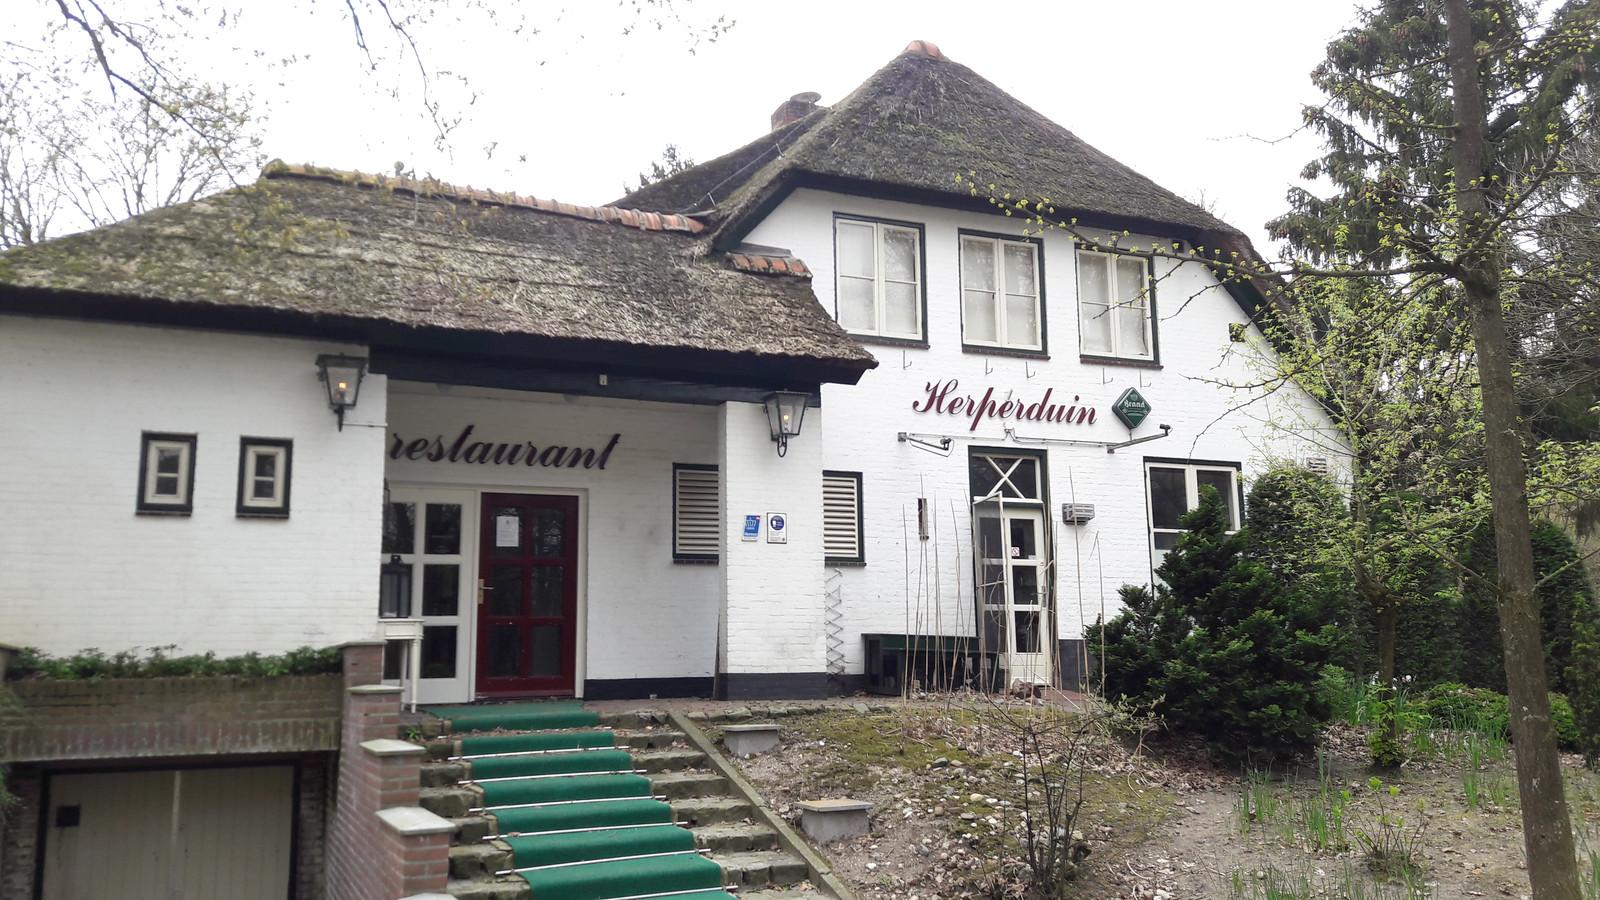 Restaurant Herperduin is 'vanaf heden' gesloten.